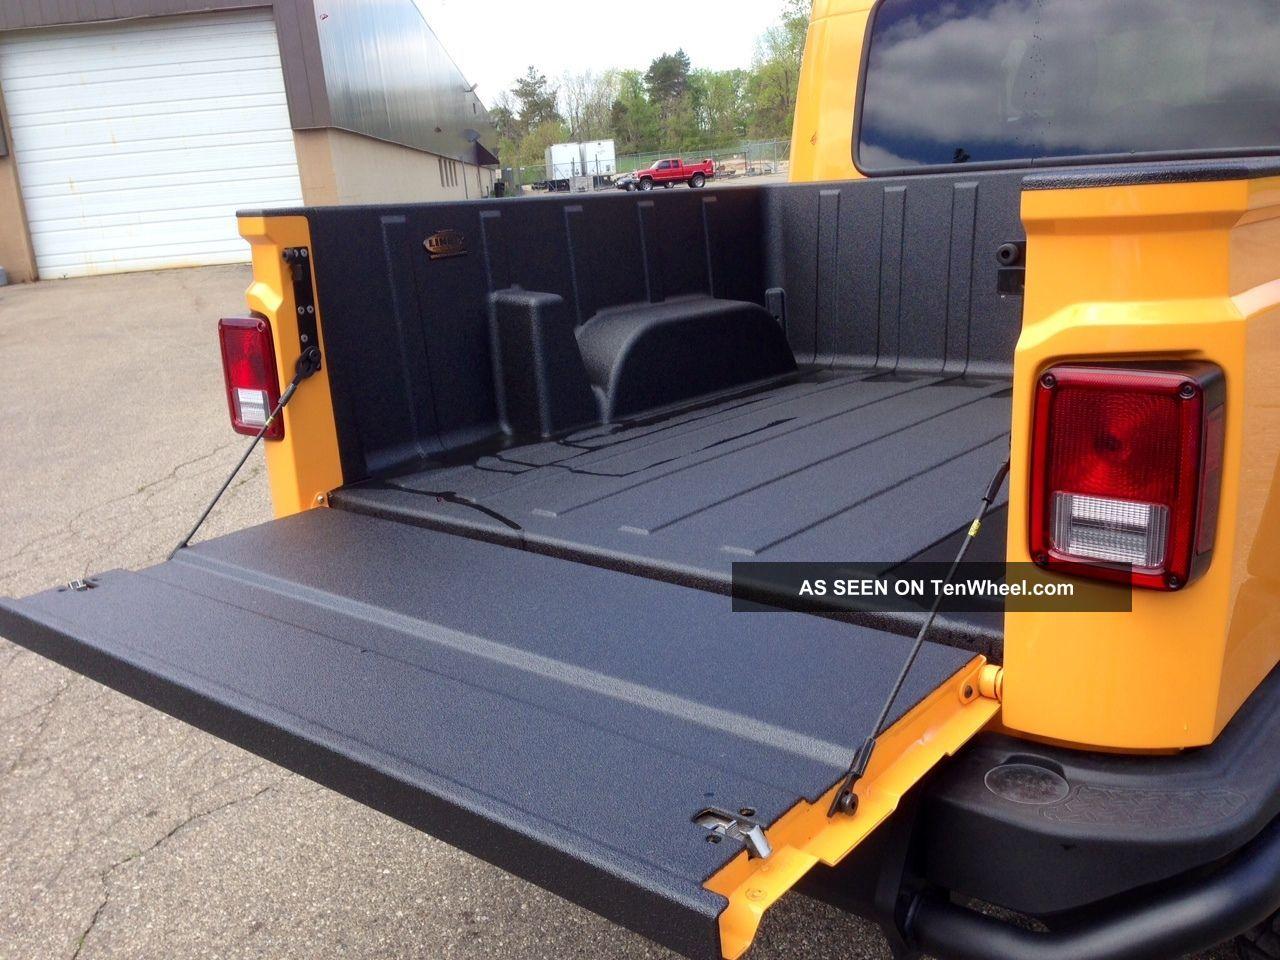 2014 Aev Jeep Brute Double Cab Quot Dozer Edition